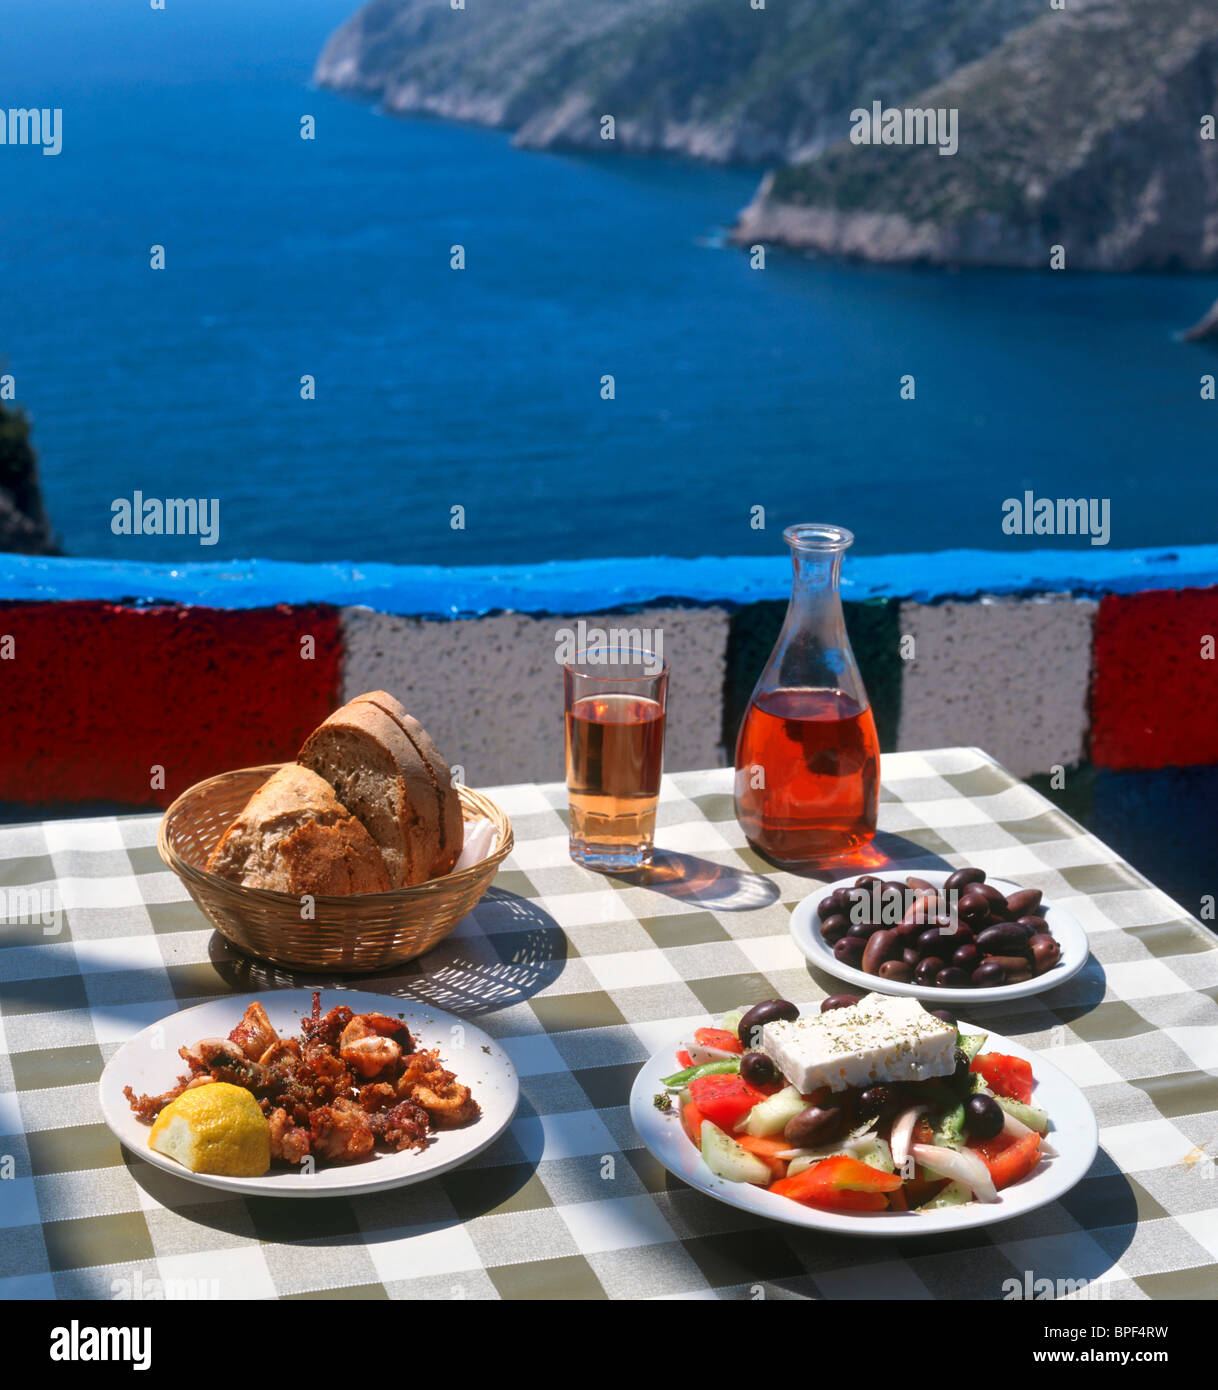 Griechisches Essen und Wein in einer Taverne in Kambi, Zakynthos (Zante), Ionische Inseln, Griechenland Stockbild